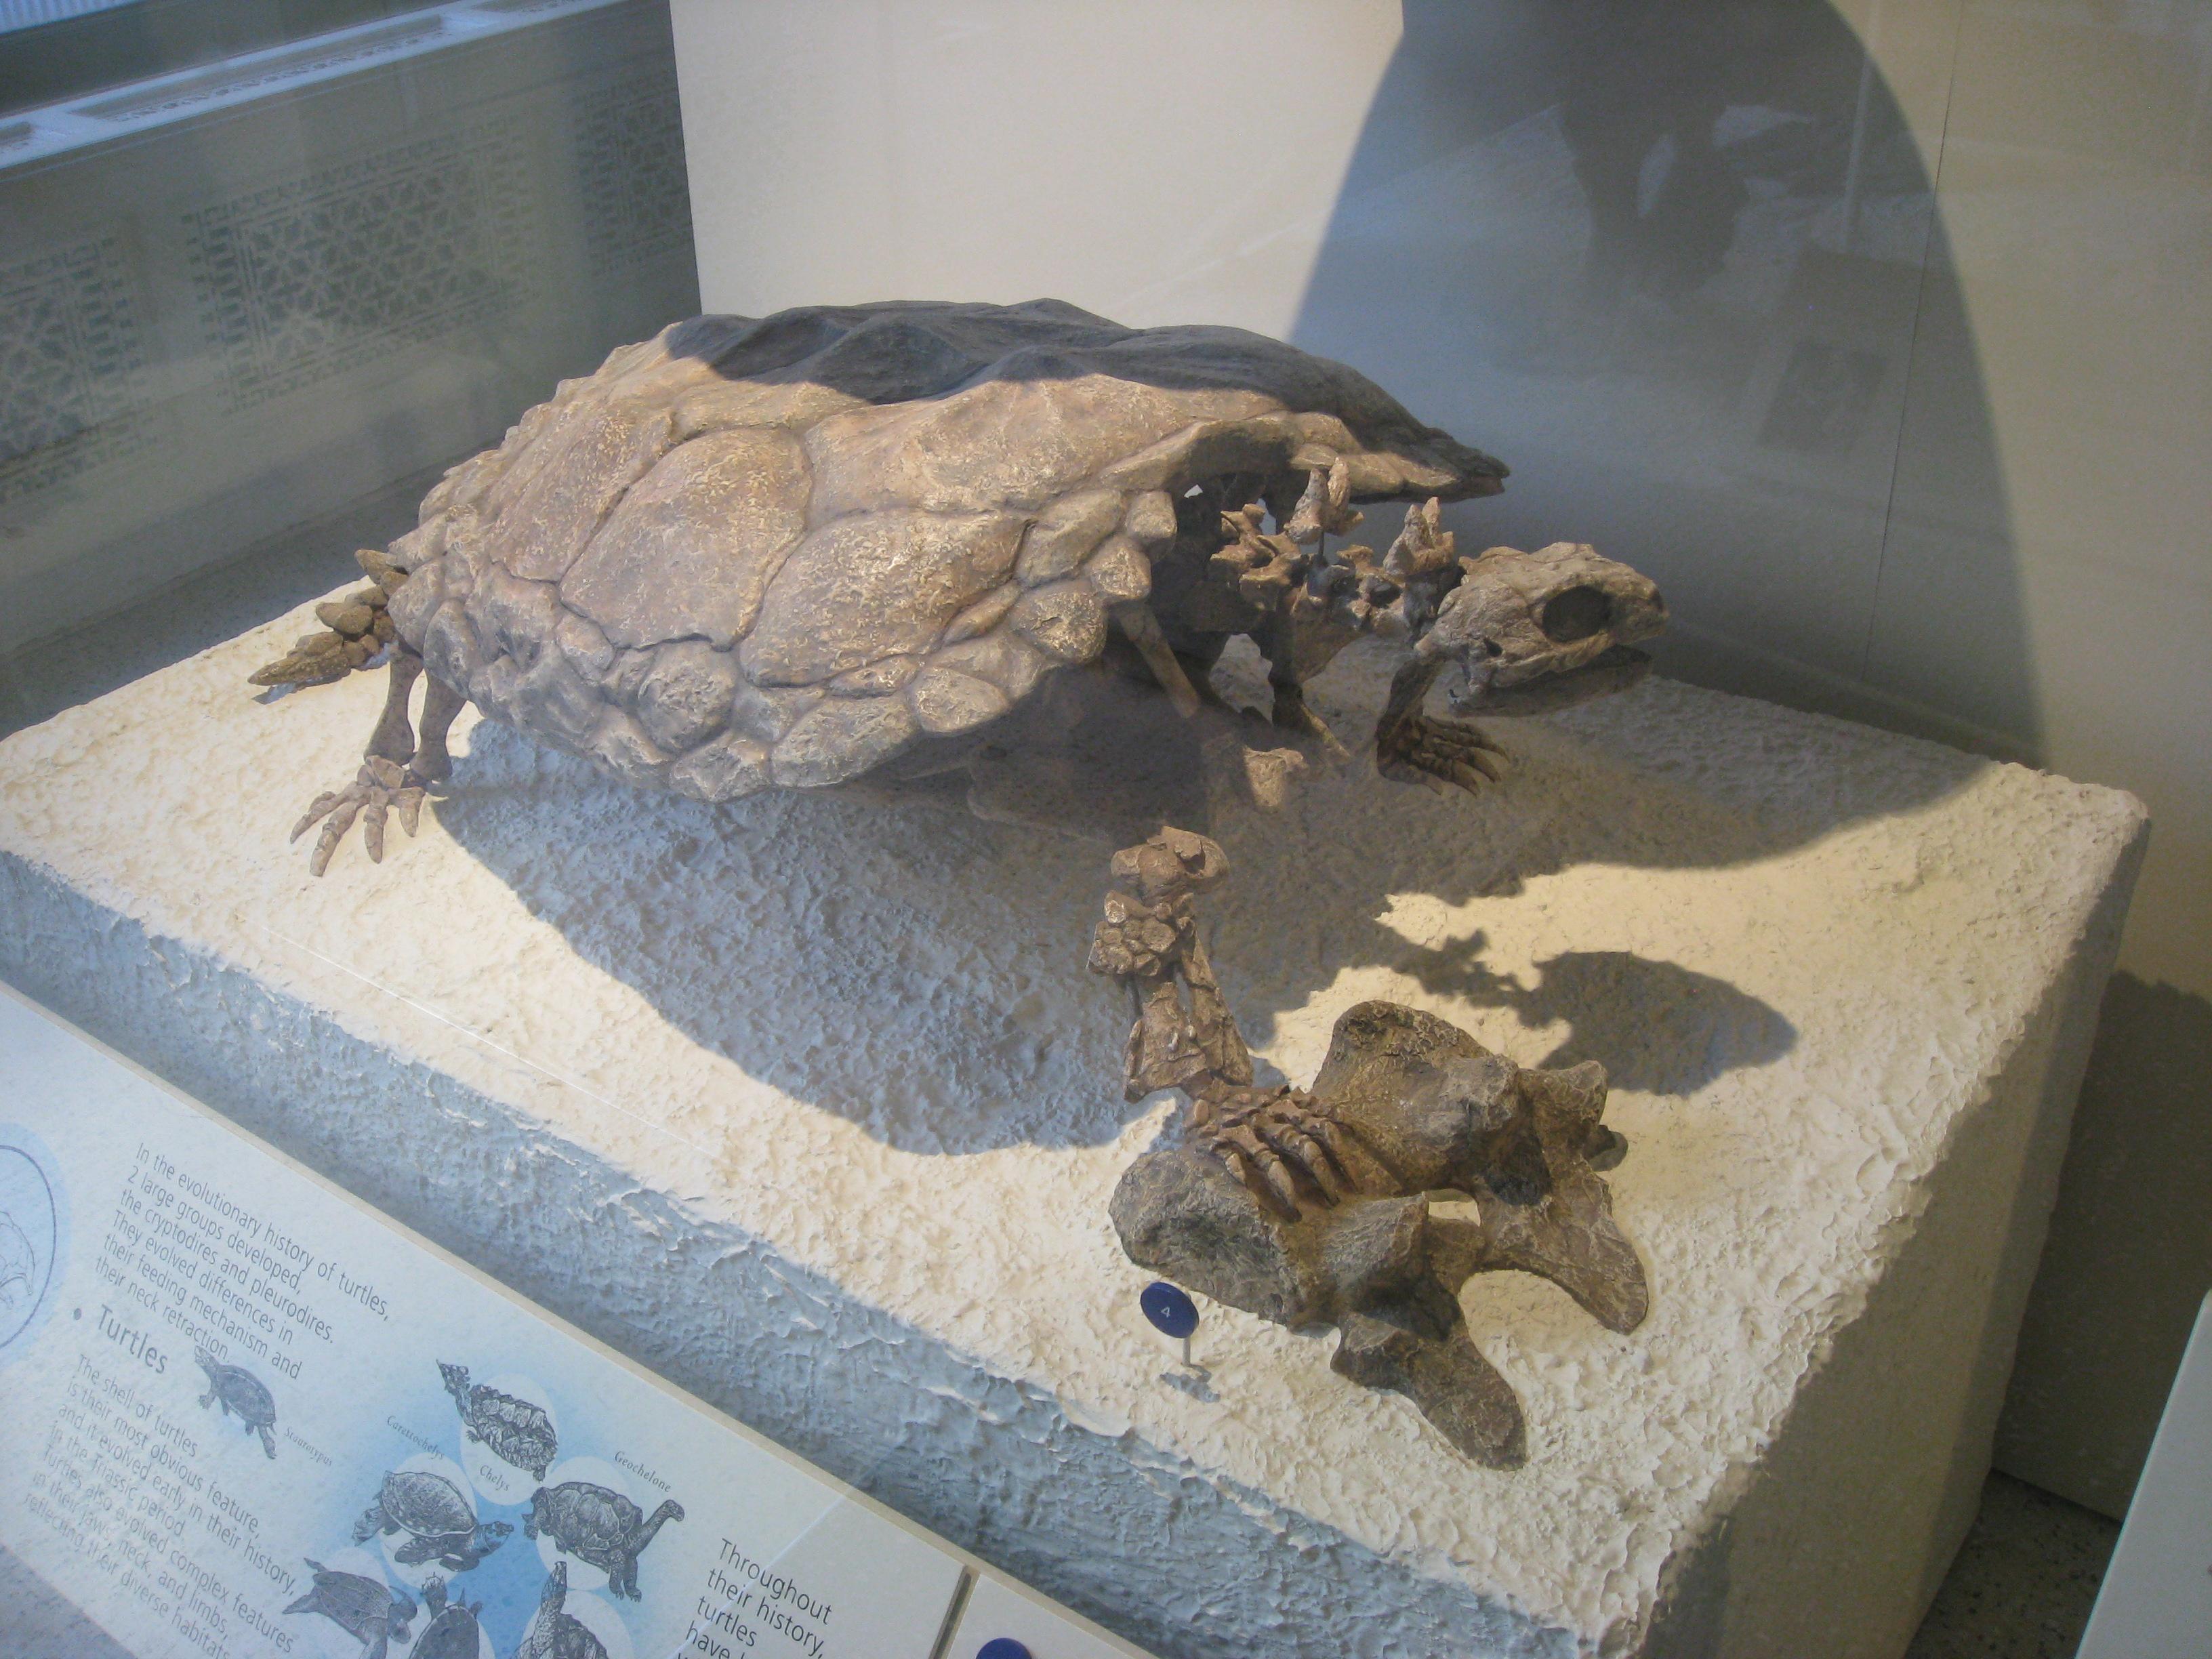 AMNH20141114e